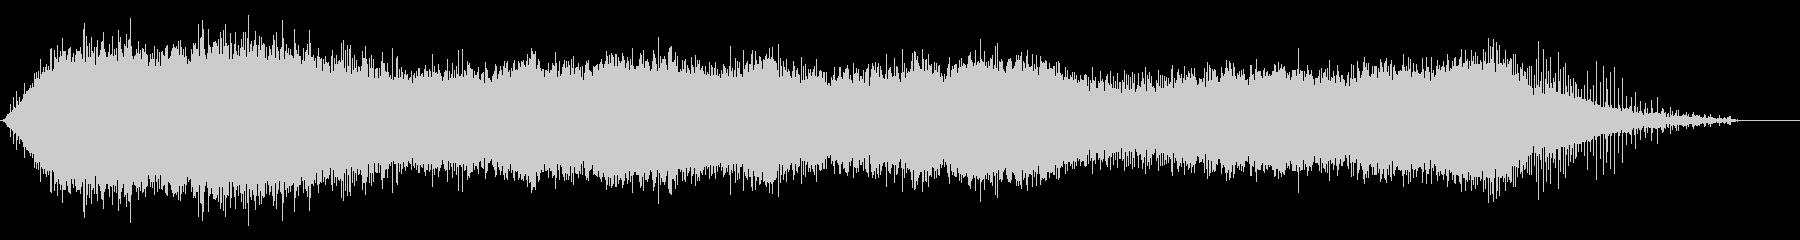 小型の電動ポータブルジグソー:スタ...の未再生の波形